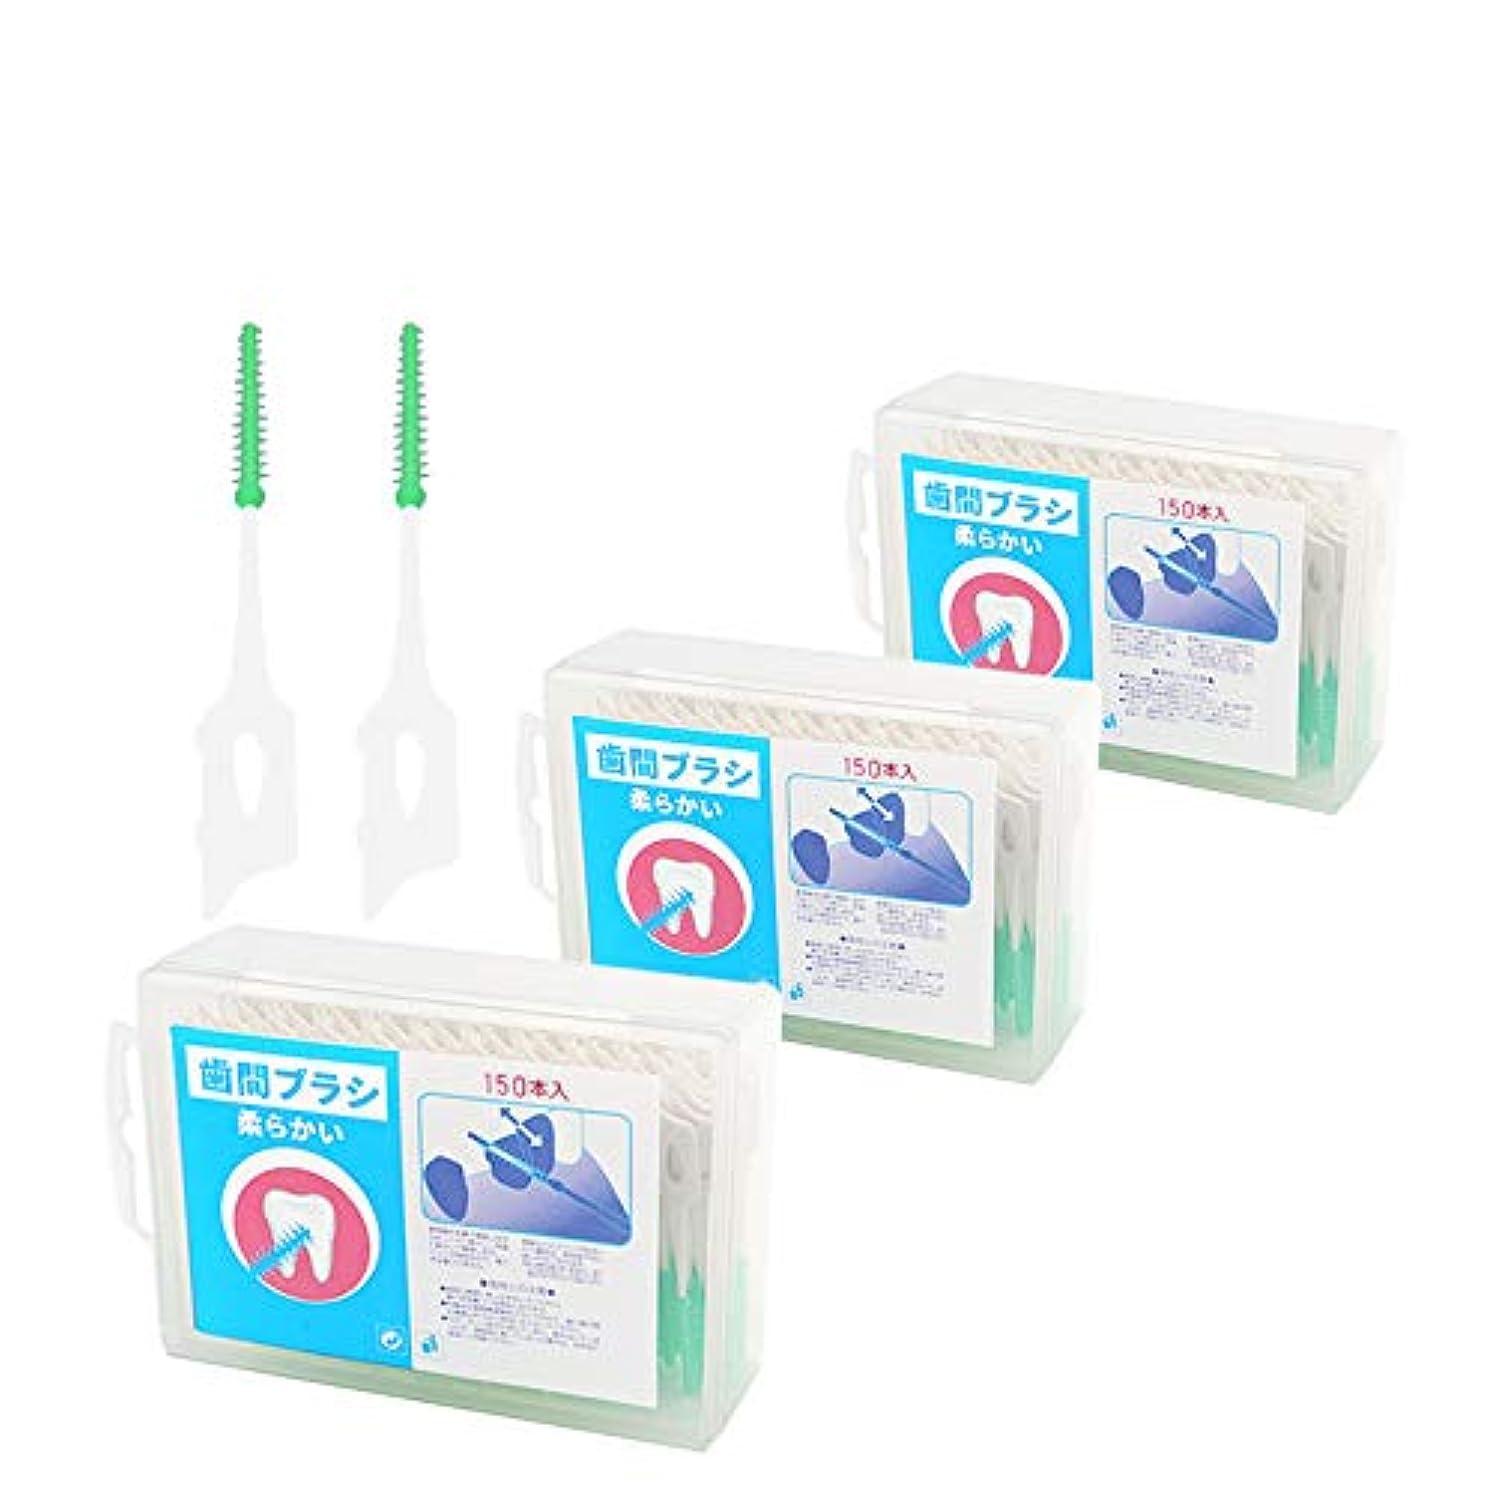 月曜迫害測定可能歯間ブラシ I字型 SSS-S 3箱×150本 (計450本入) やわらか ゴムタイプ 無香料 極細タイプ 歯周プロケア 歯間清掃 歯垢対策 お徳用 携帯用